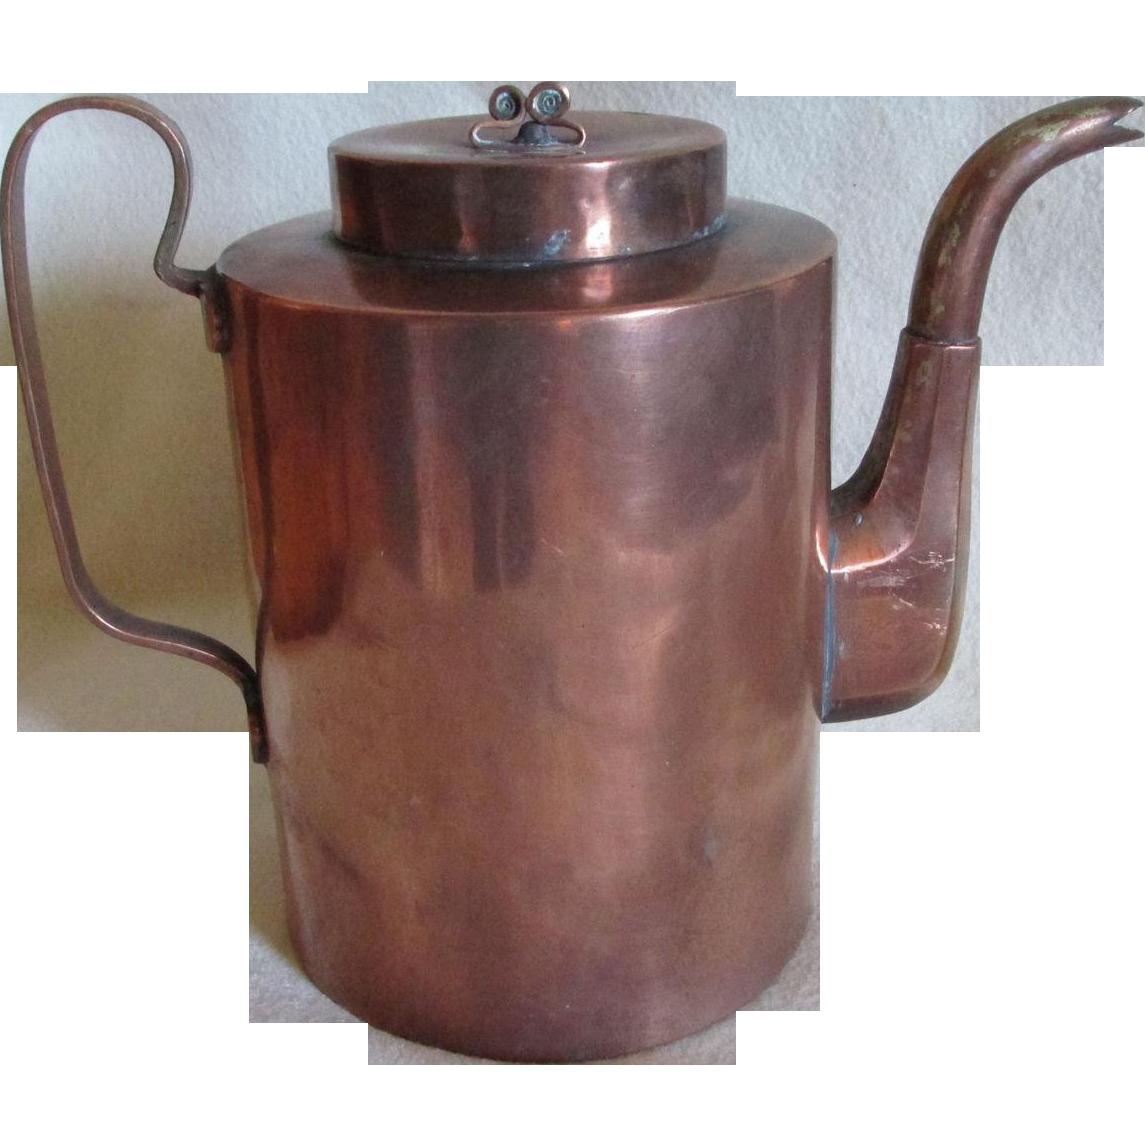 Antique Primitive 19thC Goose Neck, Copper Coffee Pot, Teapot